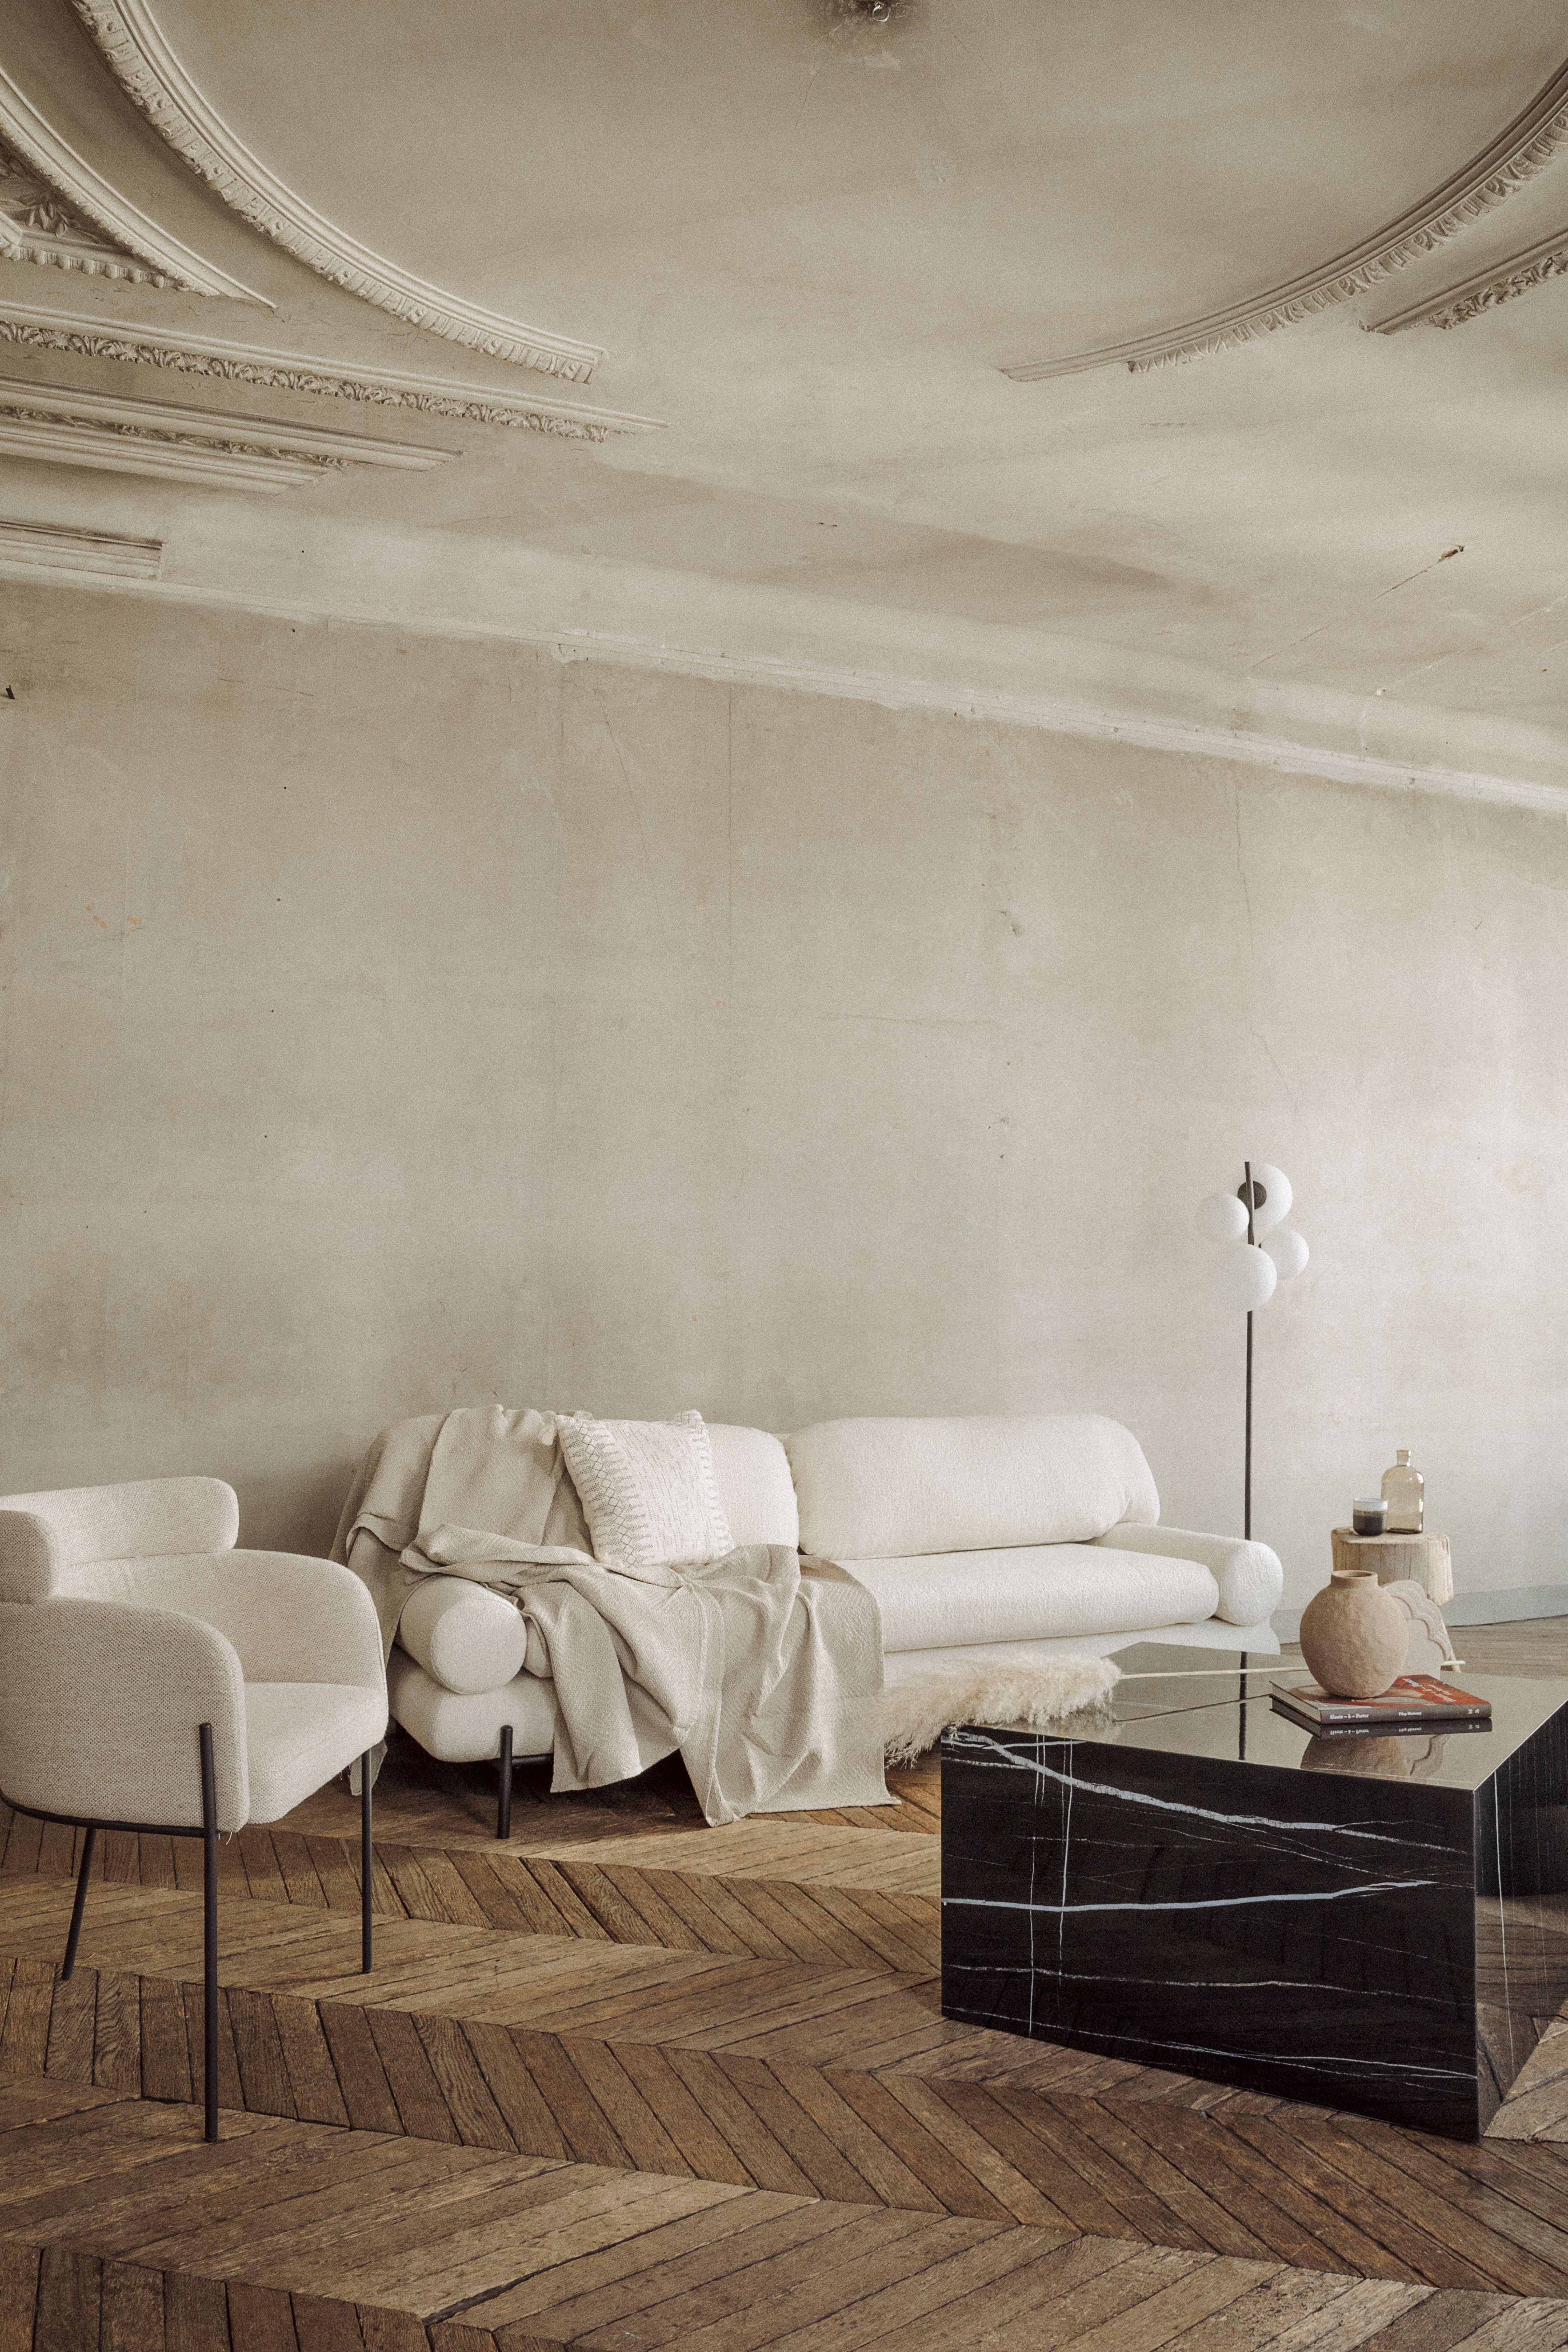 Entdeckt unsere neuen Trend-Möbel!